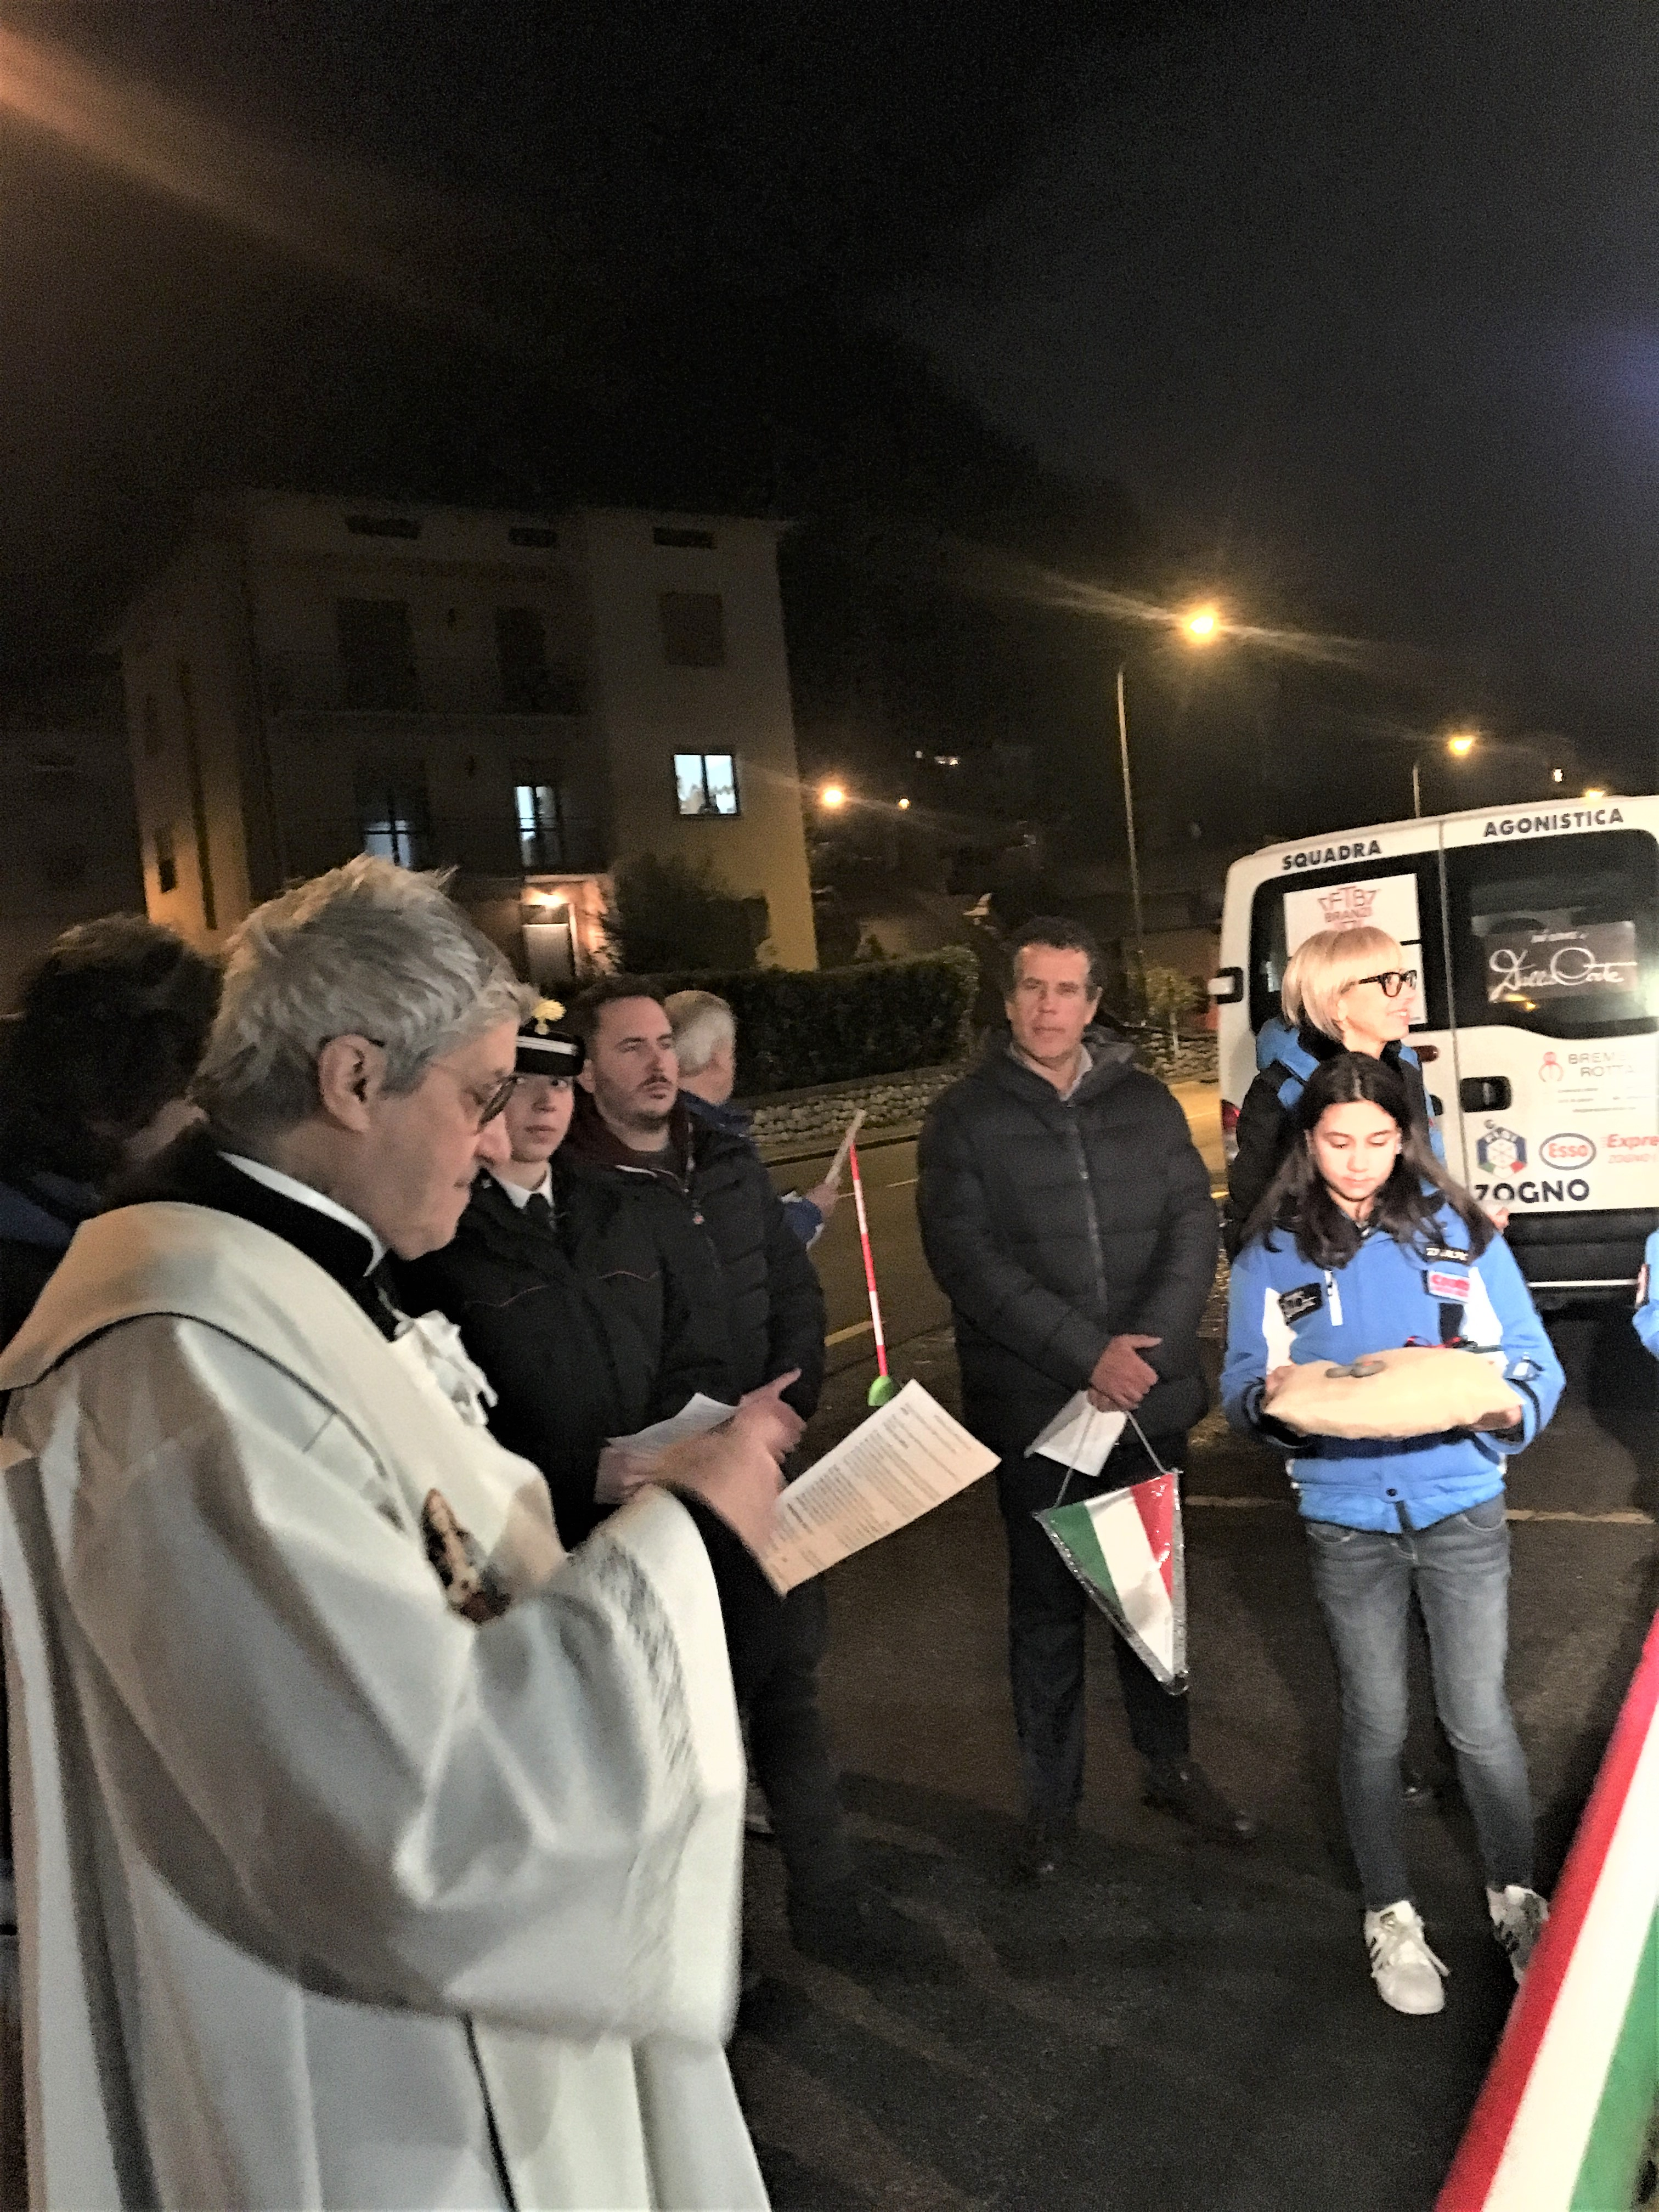 20.12.2018 - Inaugurazione Sede Sci club Zogno (8)